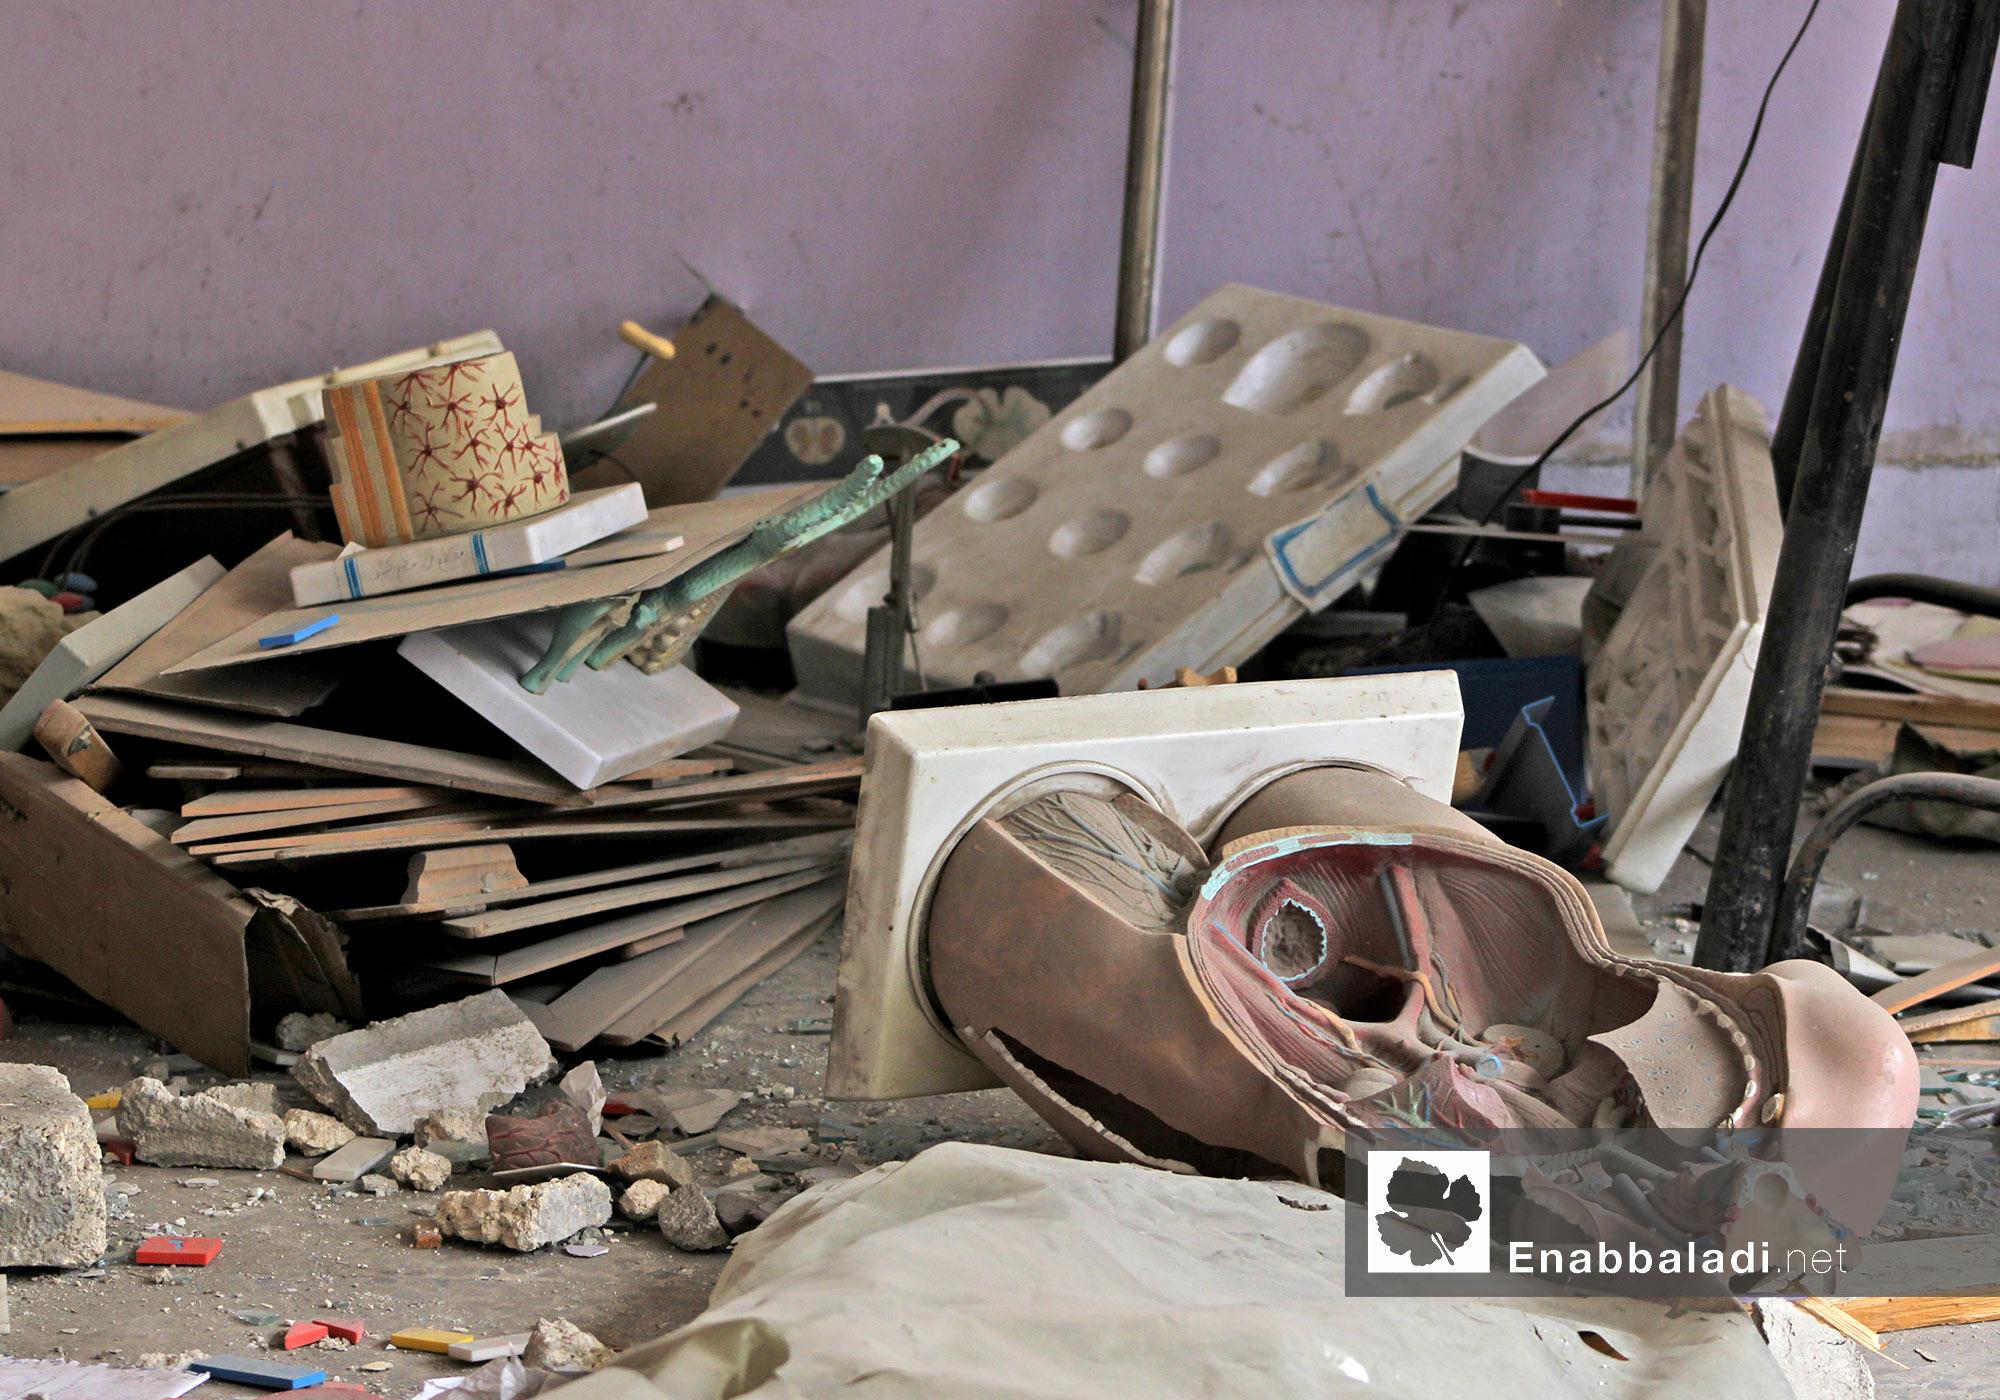 آثار الدمار في أحد المدارس بحلب - 20 تشرين الأول 2014 - (عنب بلدي)